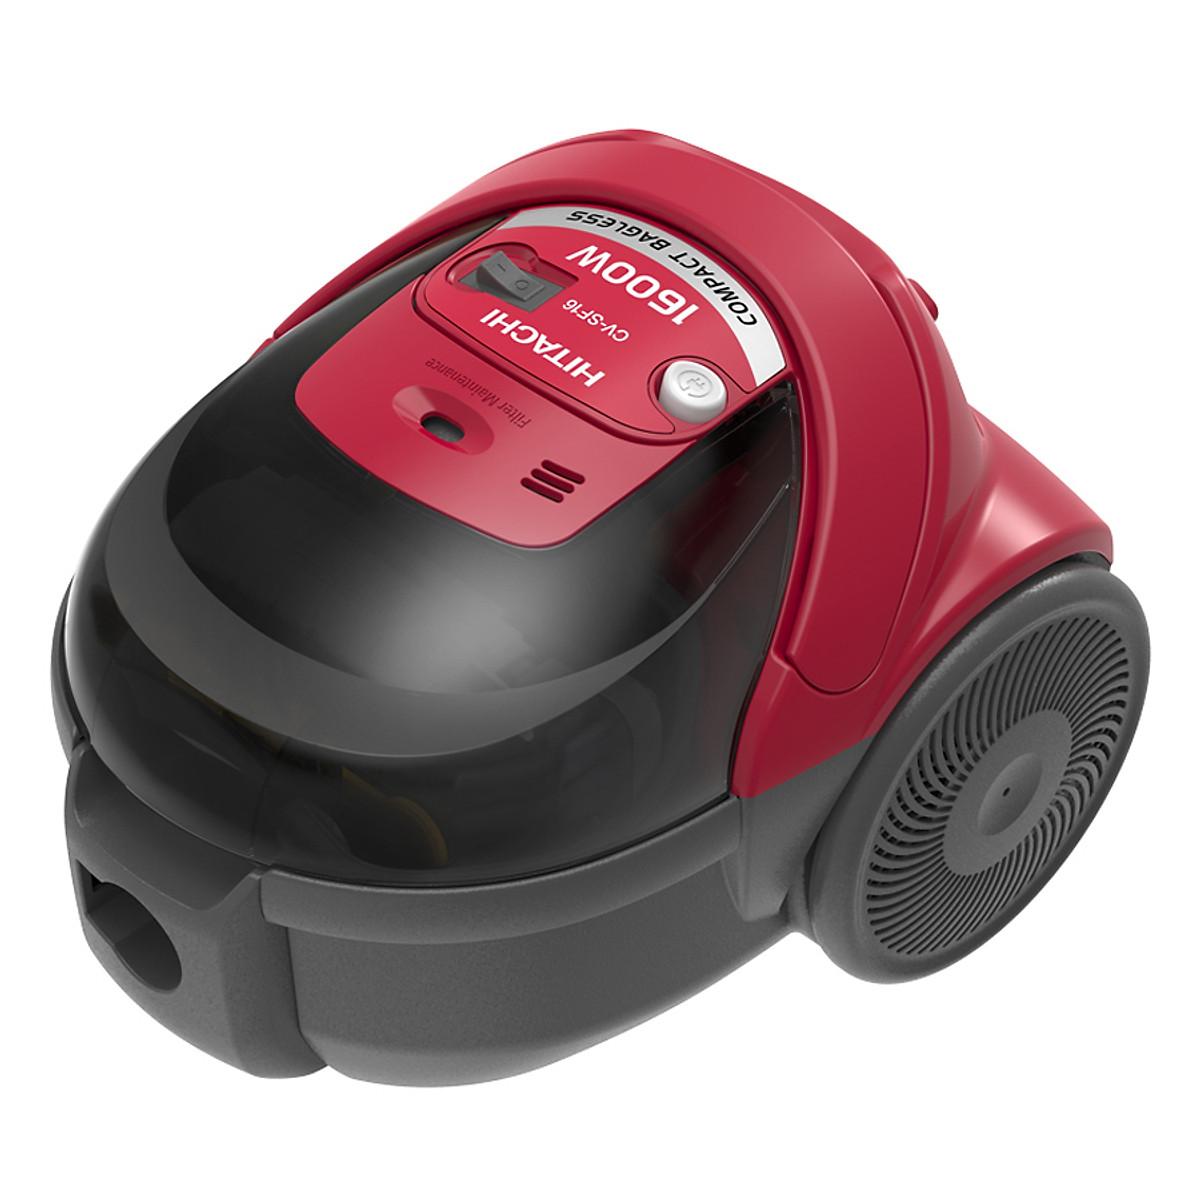 Đánh giá Máy Hút Bụi Hitachi SF16(BRE) (1600W)